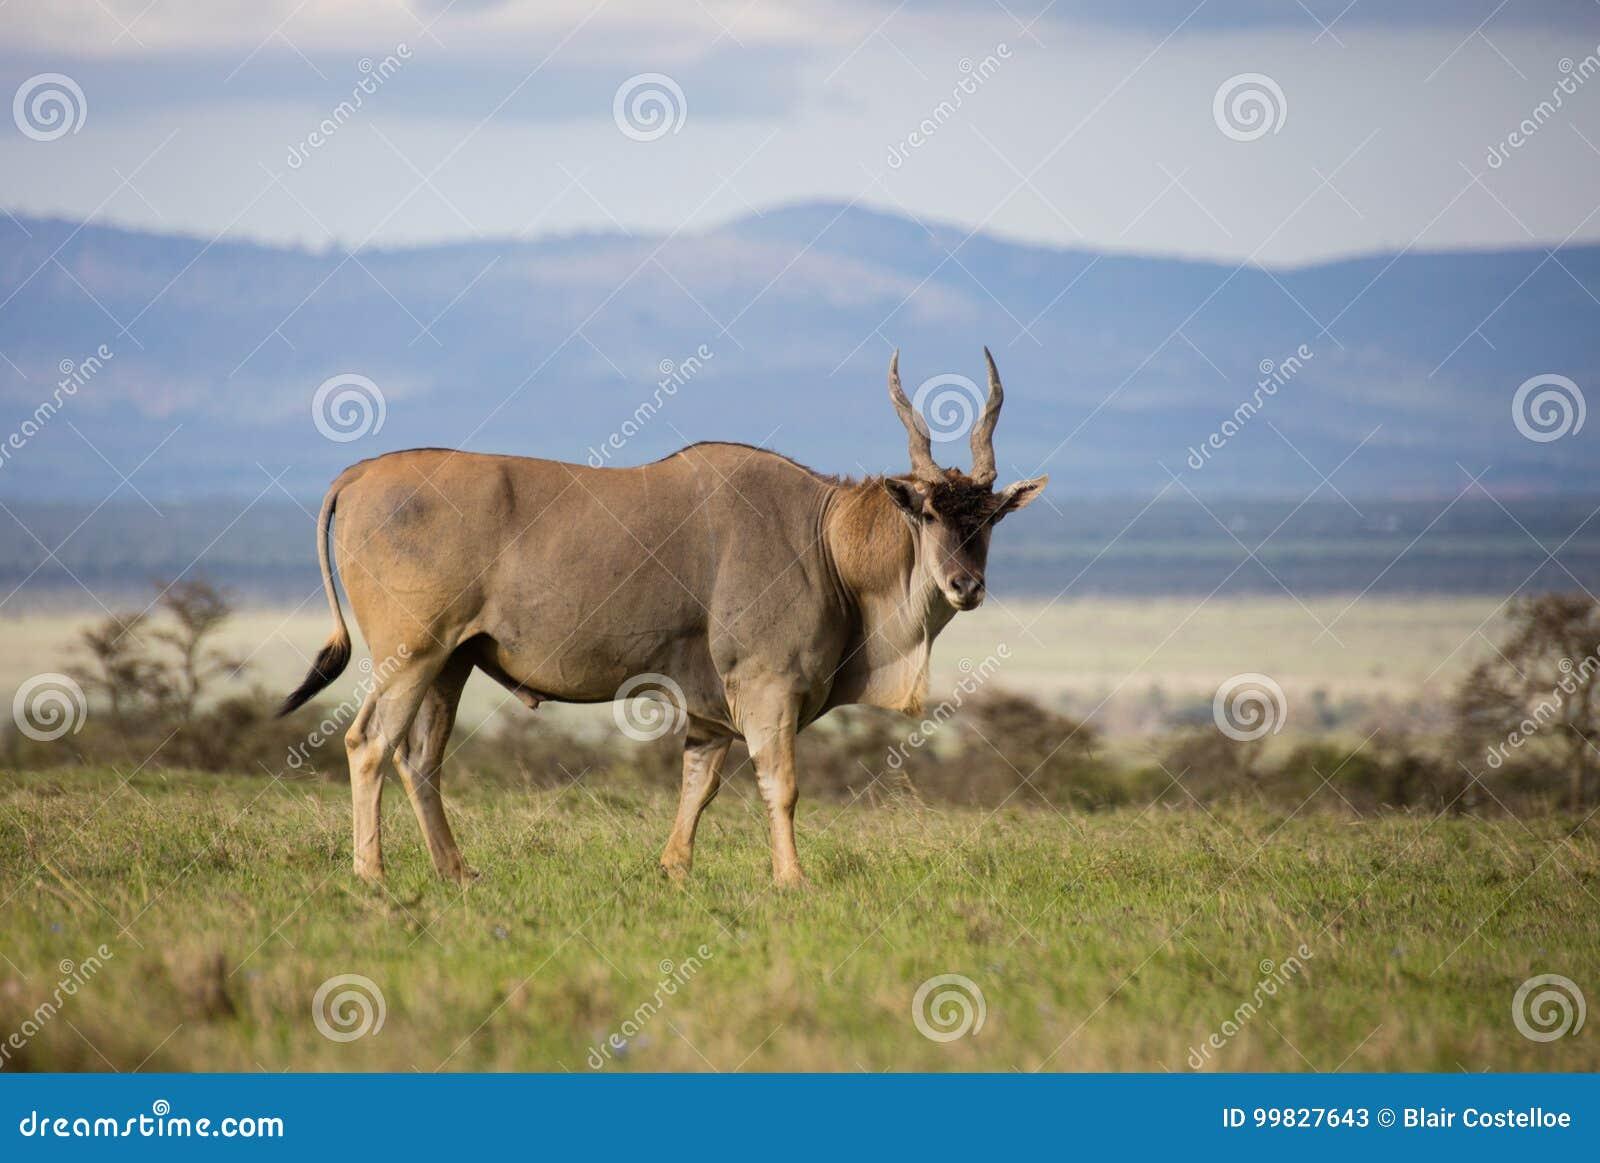 Eland byk z zieloną trawą i scenicznym tłem